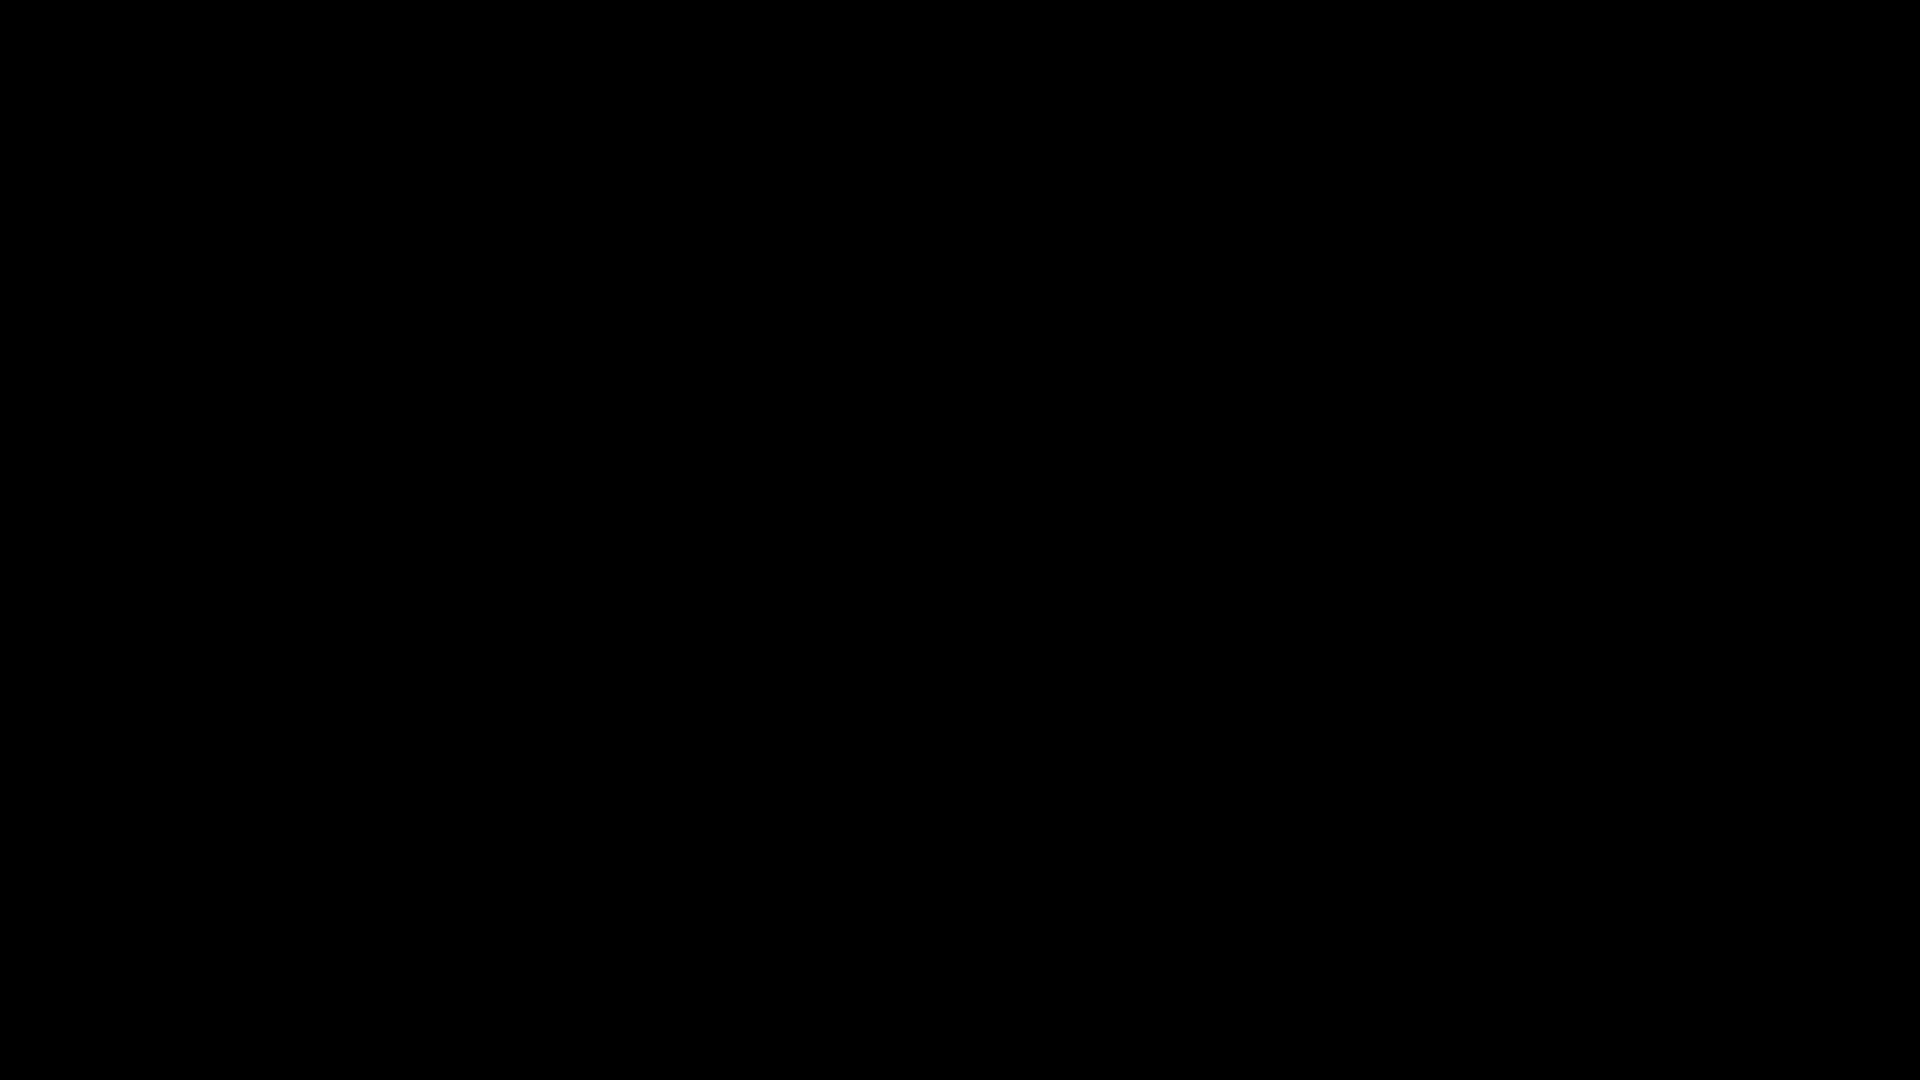 高画質露天女風呂観察 vol.032 高画質 隠し撮りオマンコ動画紹介 83pic 17